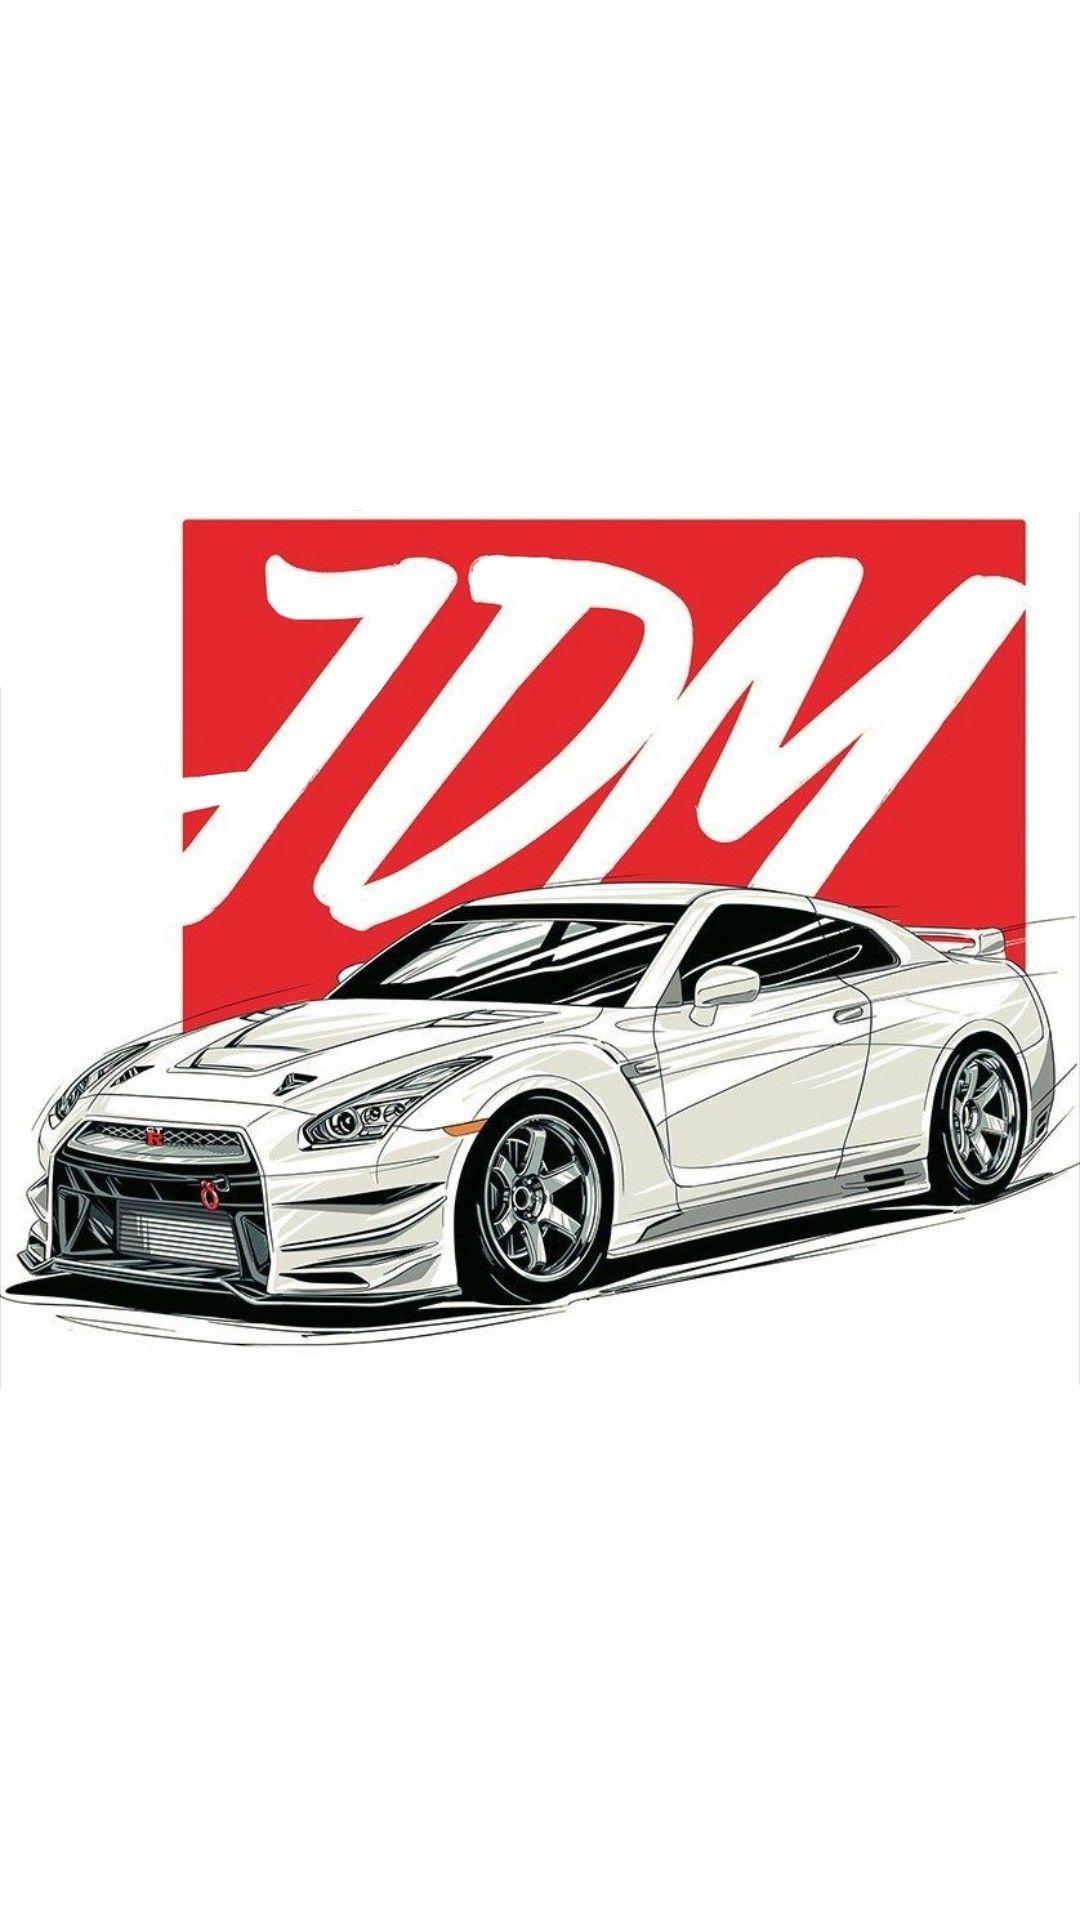 Pin Oleh Saravana B C Di Cartoon Jdm Car Mobil Keren Mobil Sport Mobil